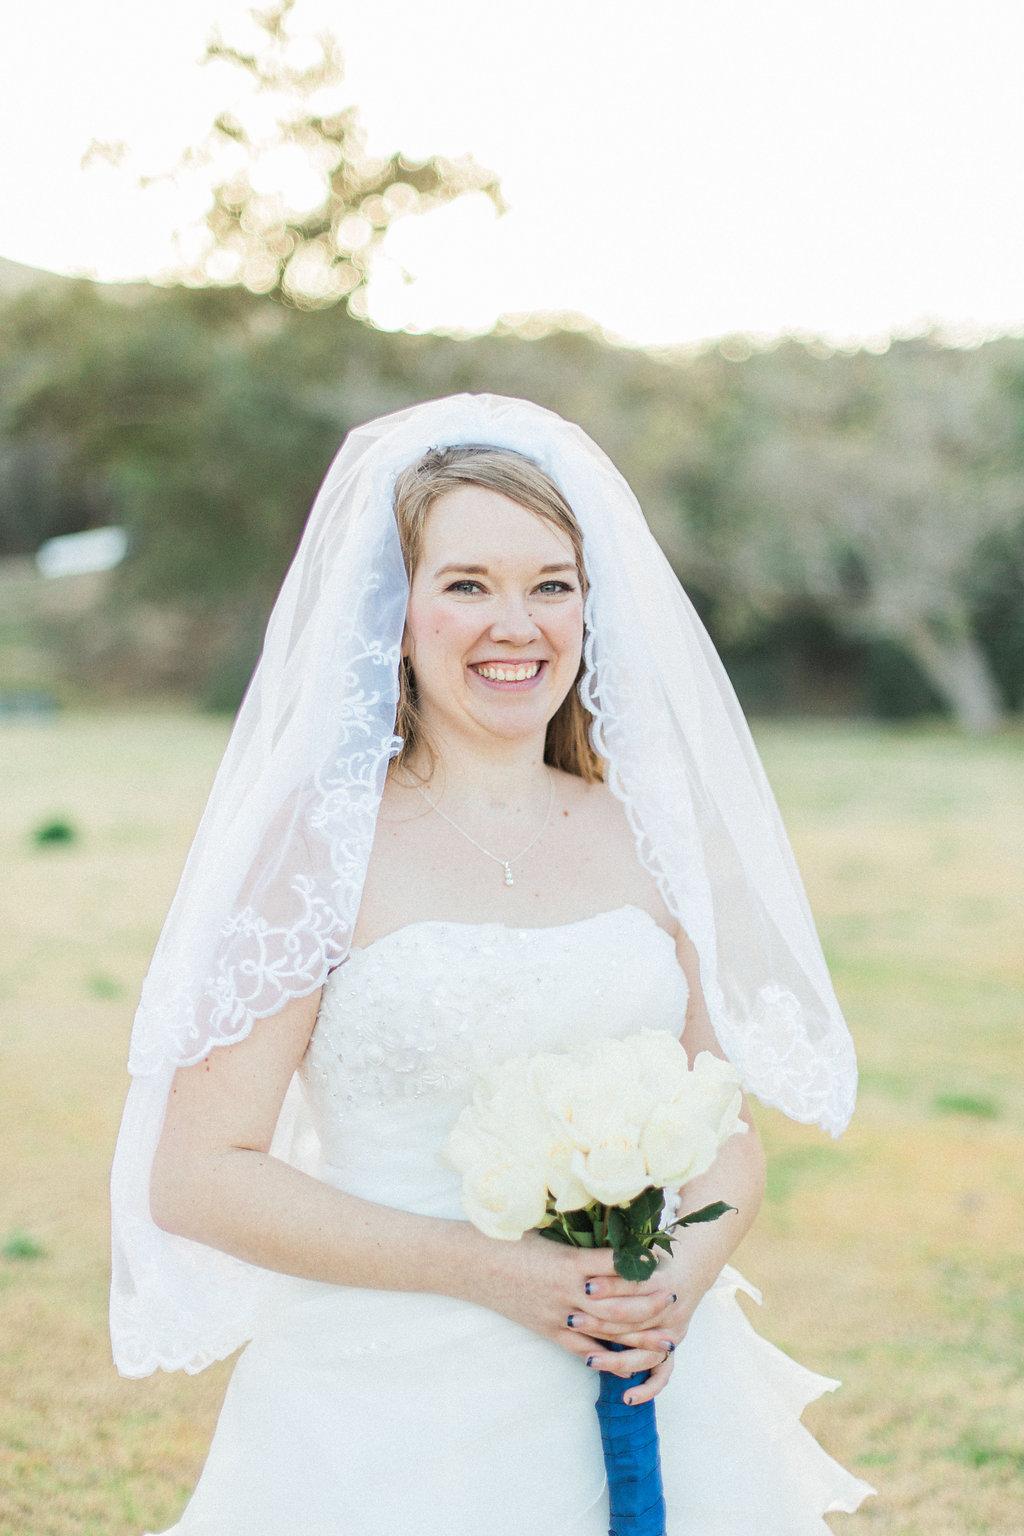 Madison Ellis Photography